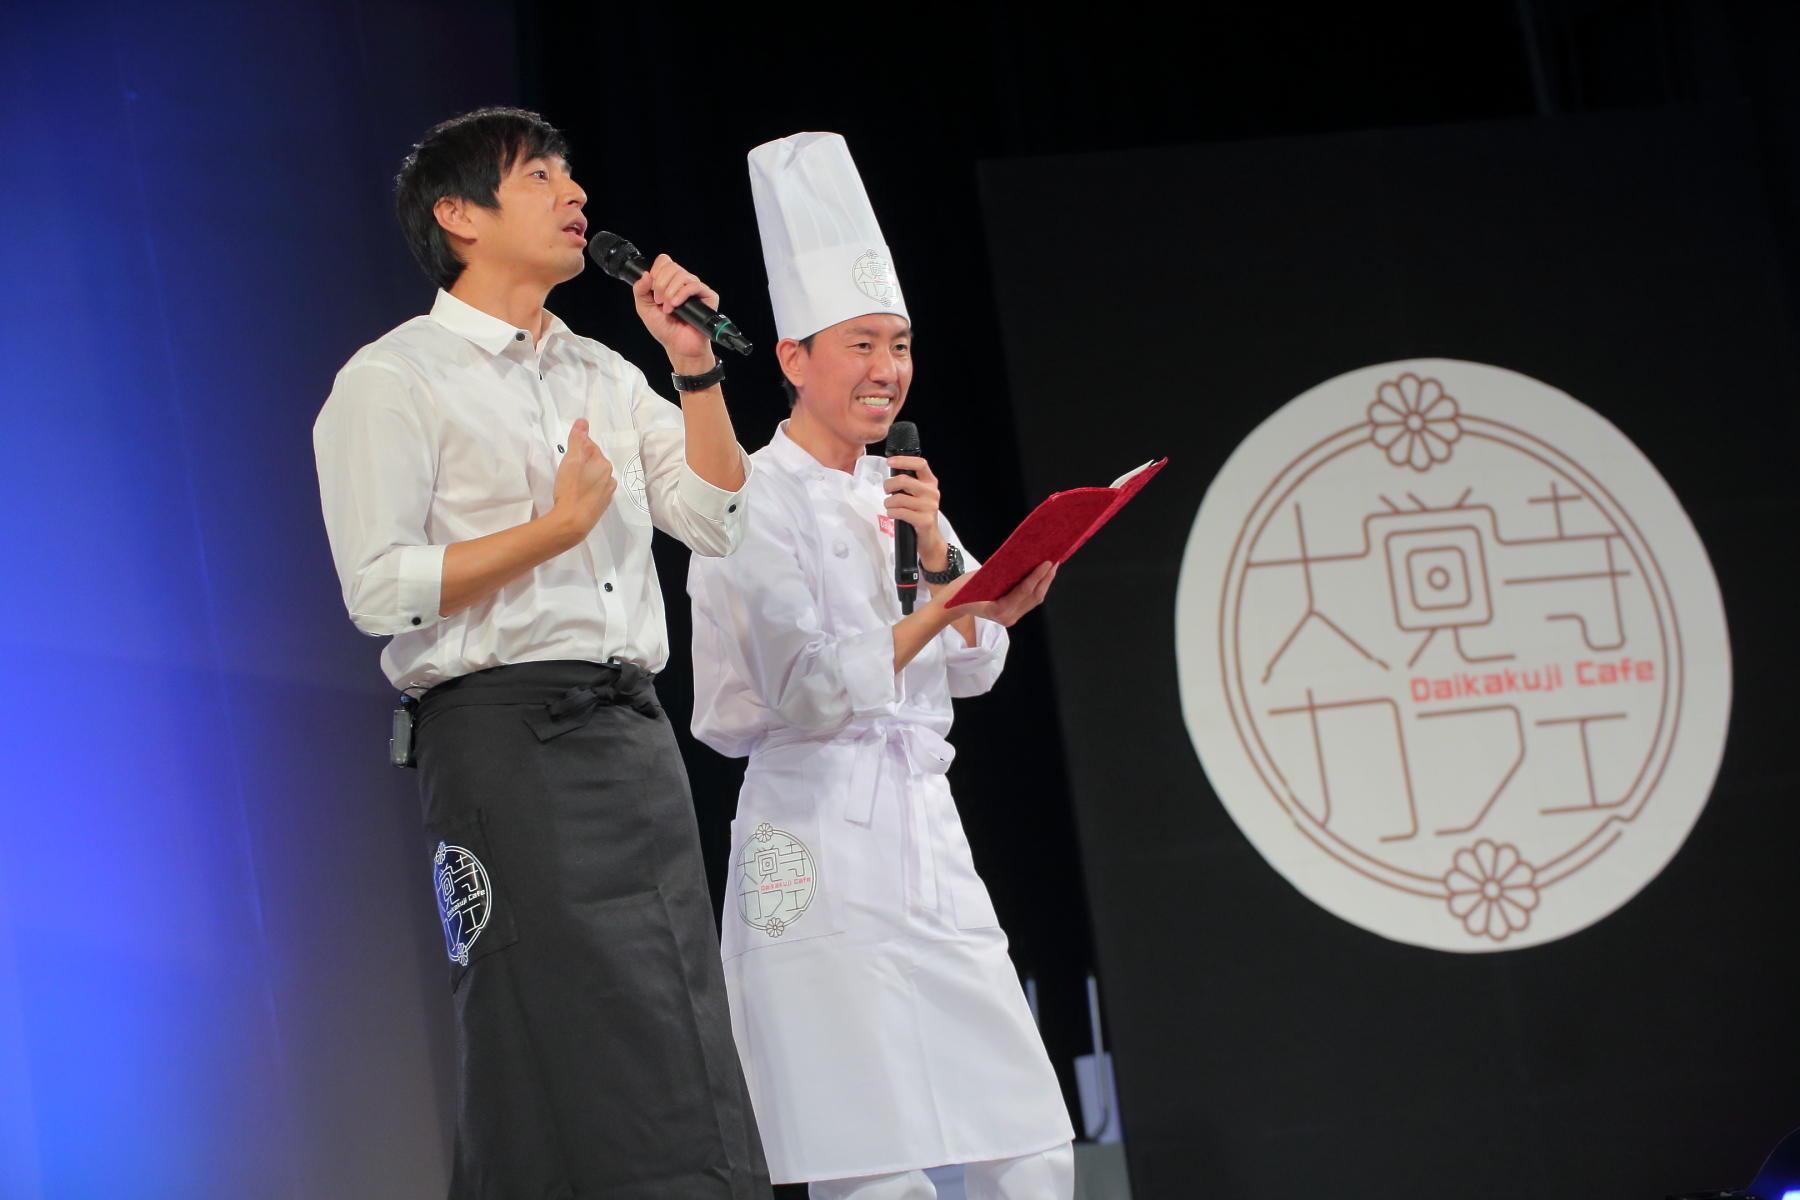 http://news.yoshimoto.co.jp/20170316062547-db49f9d57cc218fde309bc8ba3896a9b68ca2eff.jpg